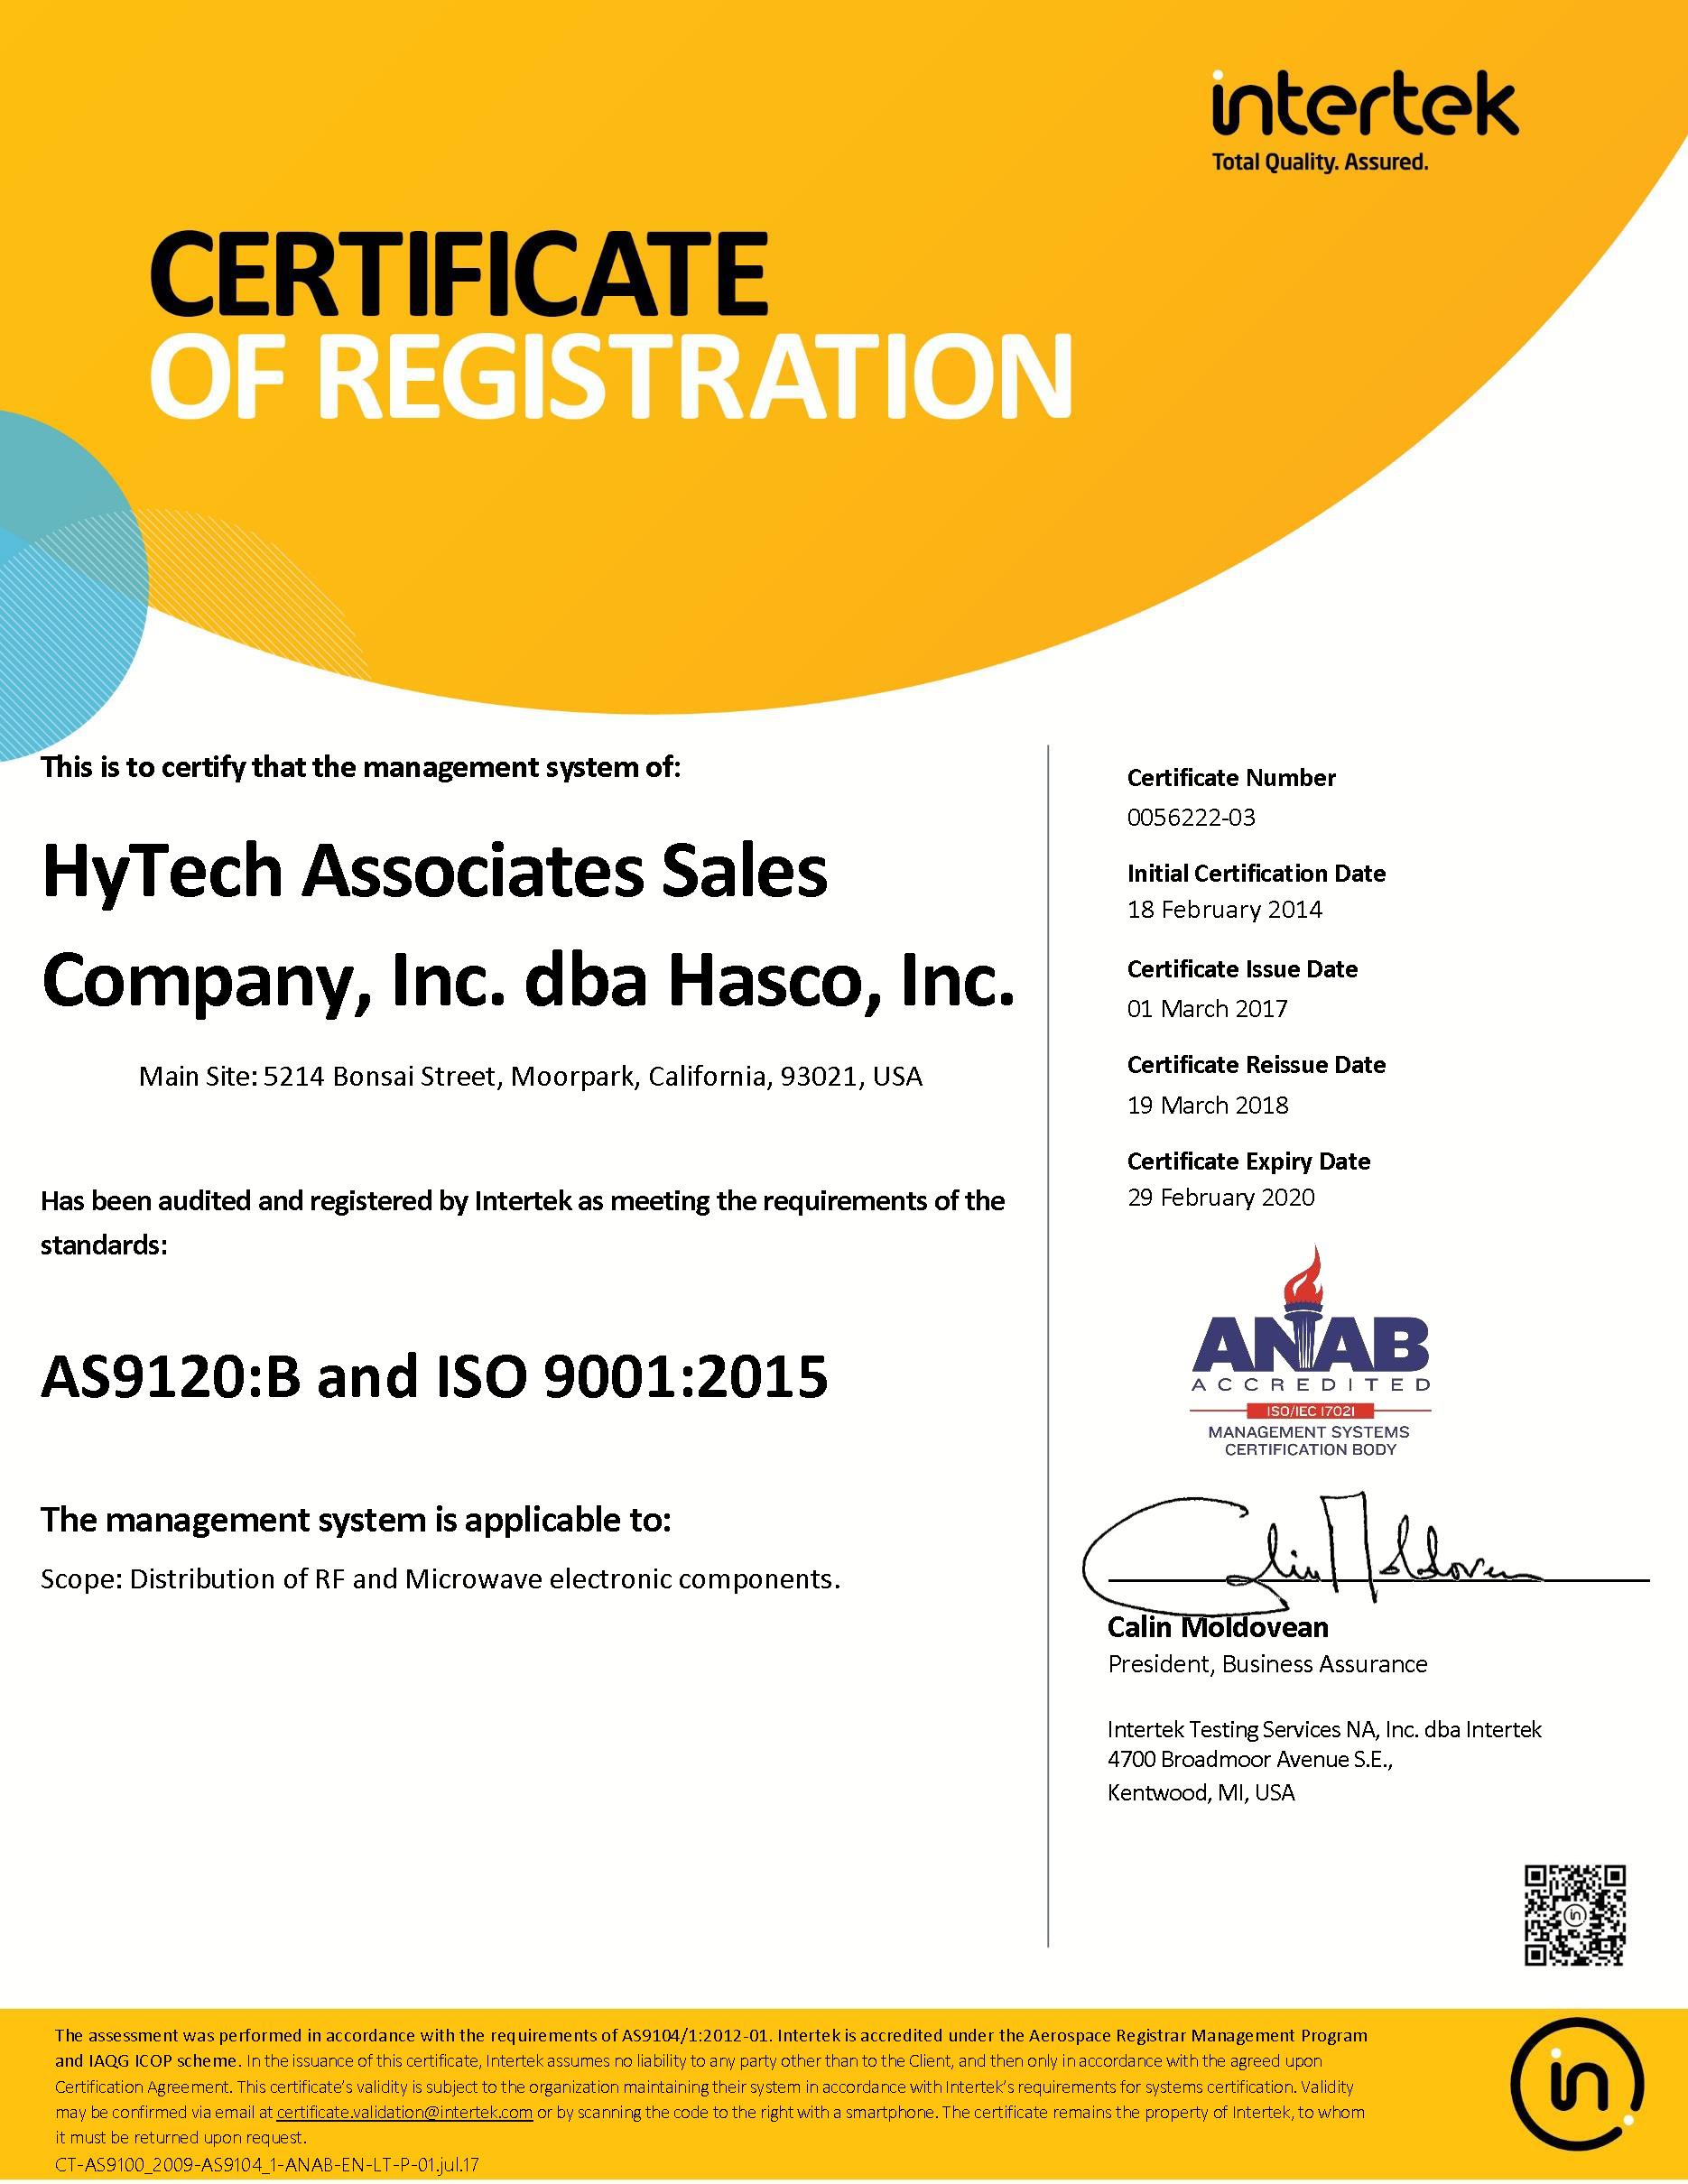 intertek-certificate-as9120b-exp-02-29-20.png